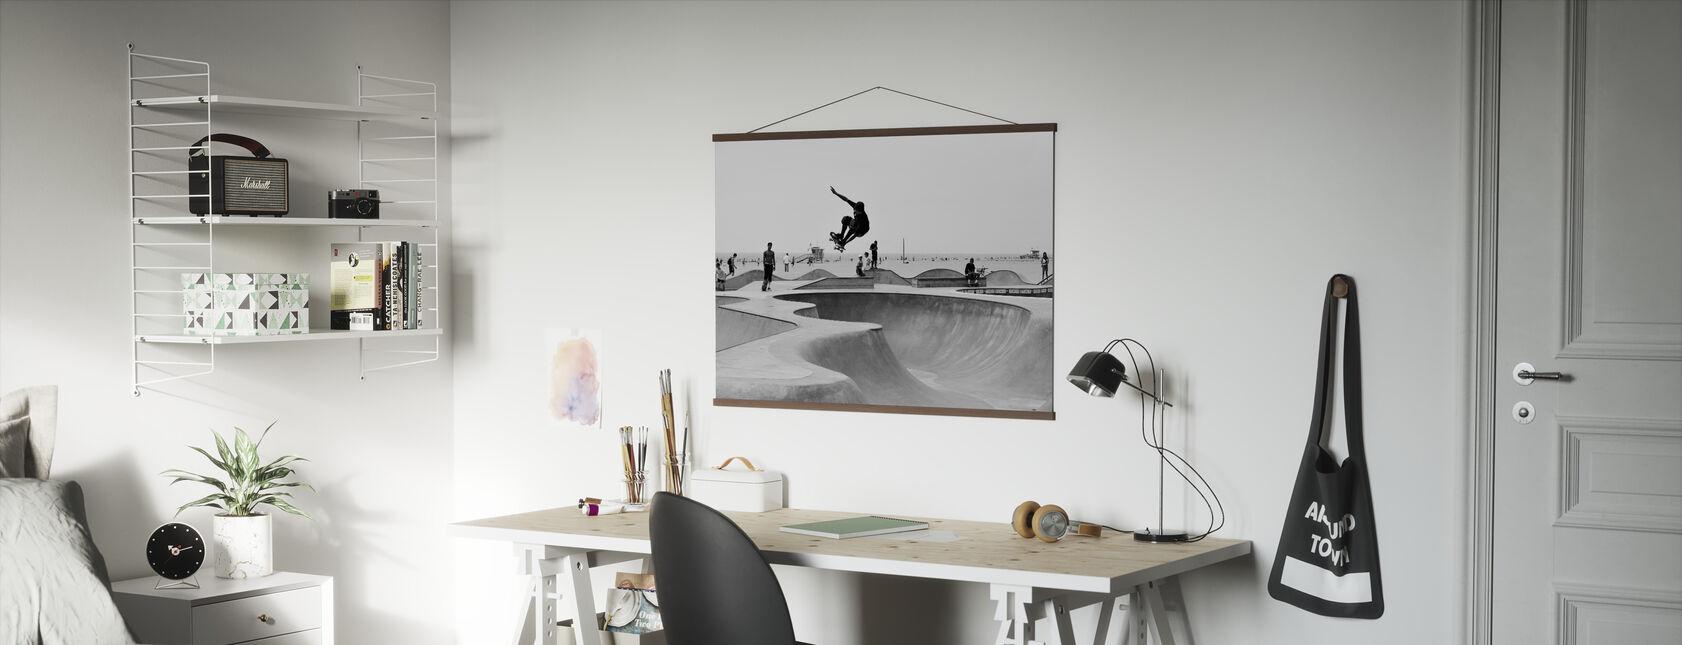 Skate Park - Affiche - Bureau